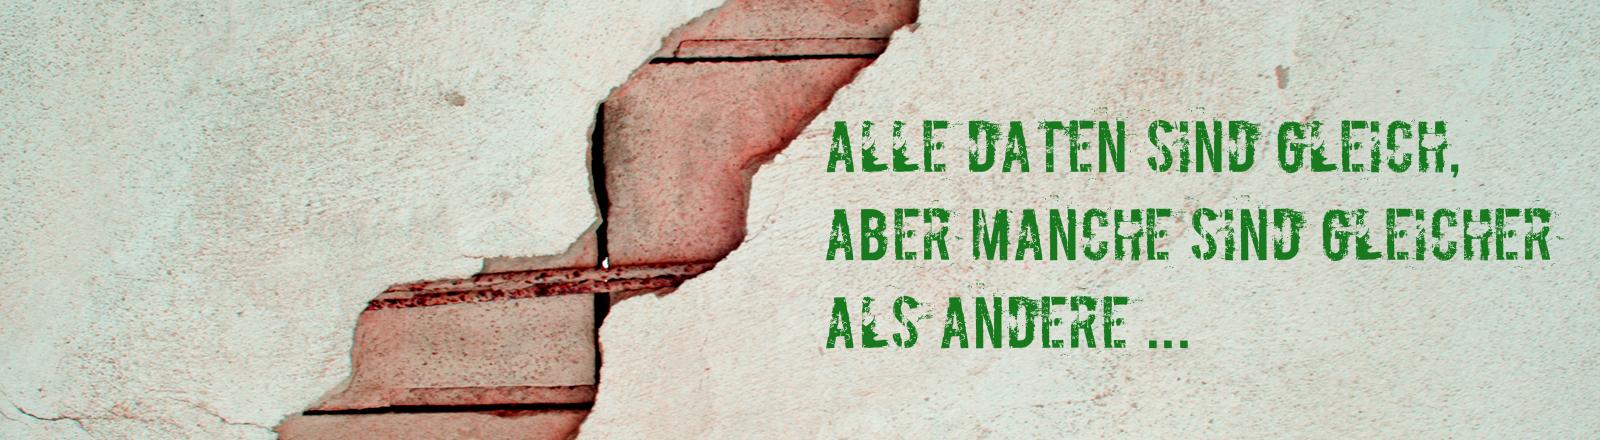 Auf einer Wand steht ein abgewandeltes Zitat von George Orwell: Alle Daten sind gleich, aber manche sind gleicher als andere